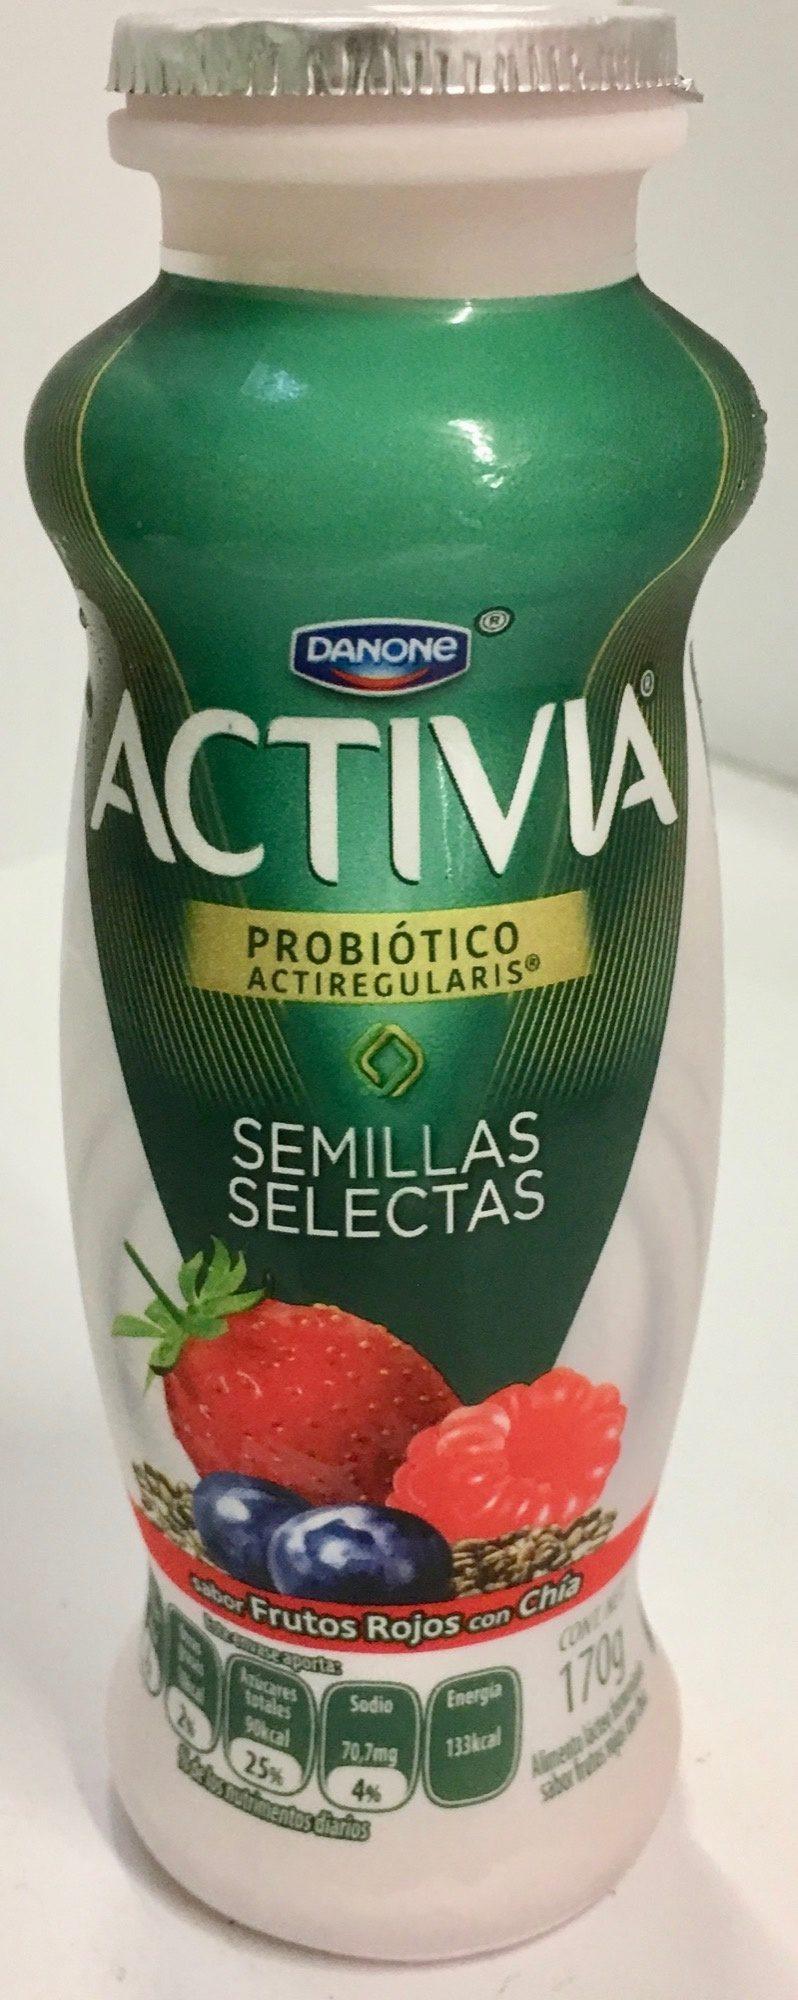 Activia Semillas Selectas Danone - Product - es